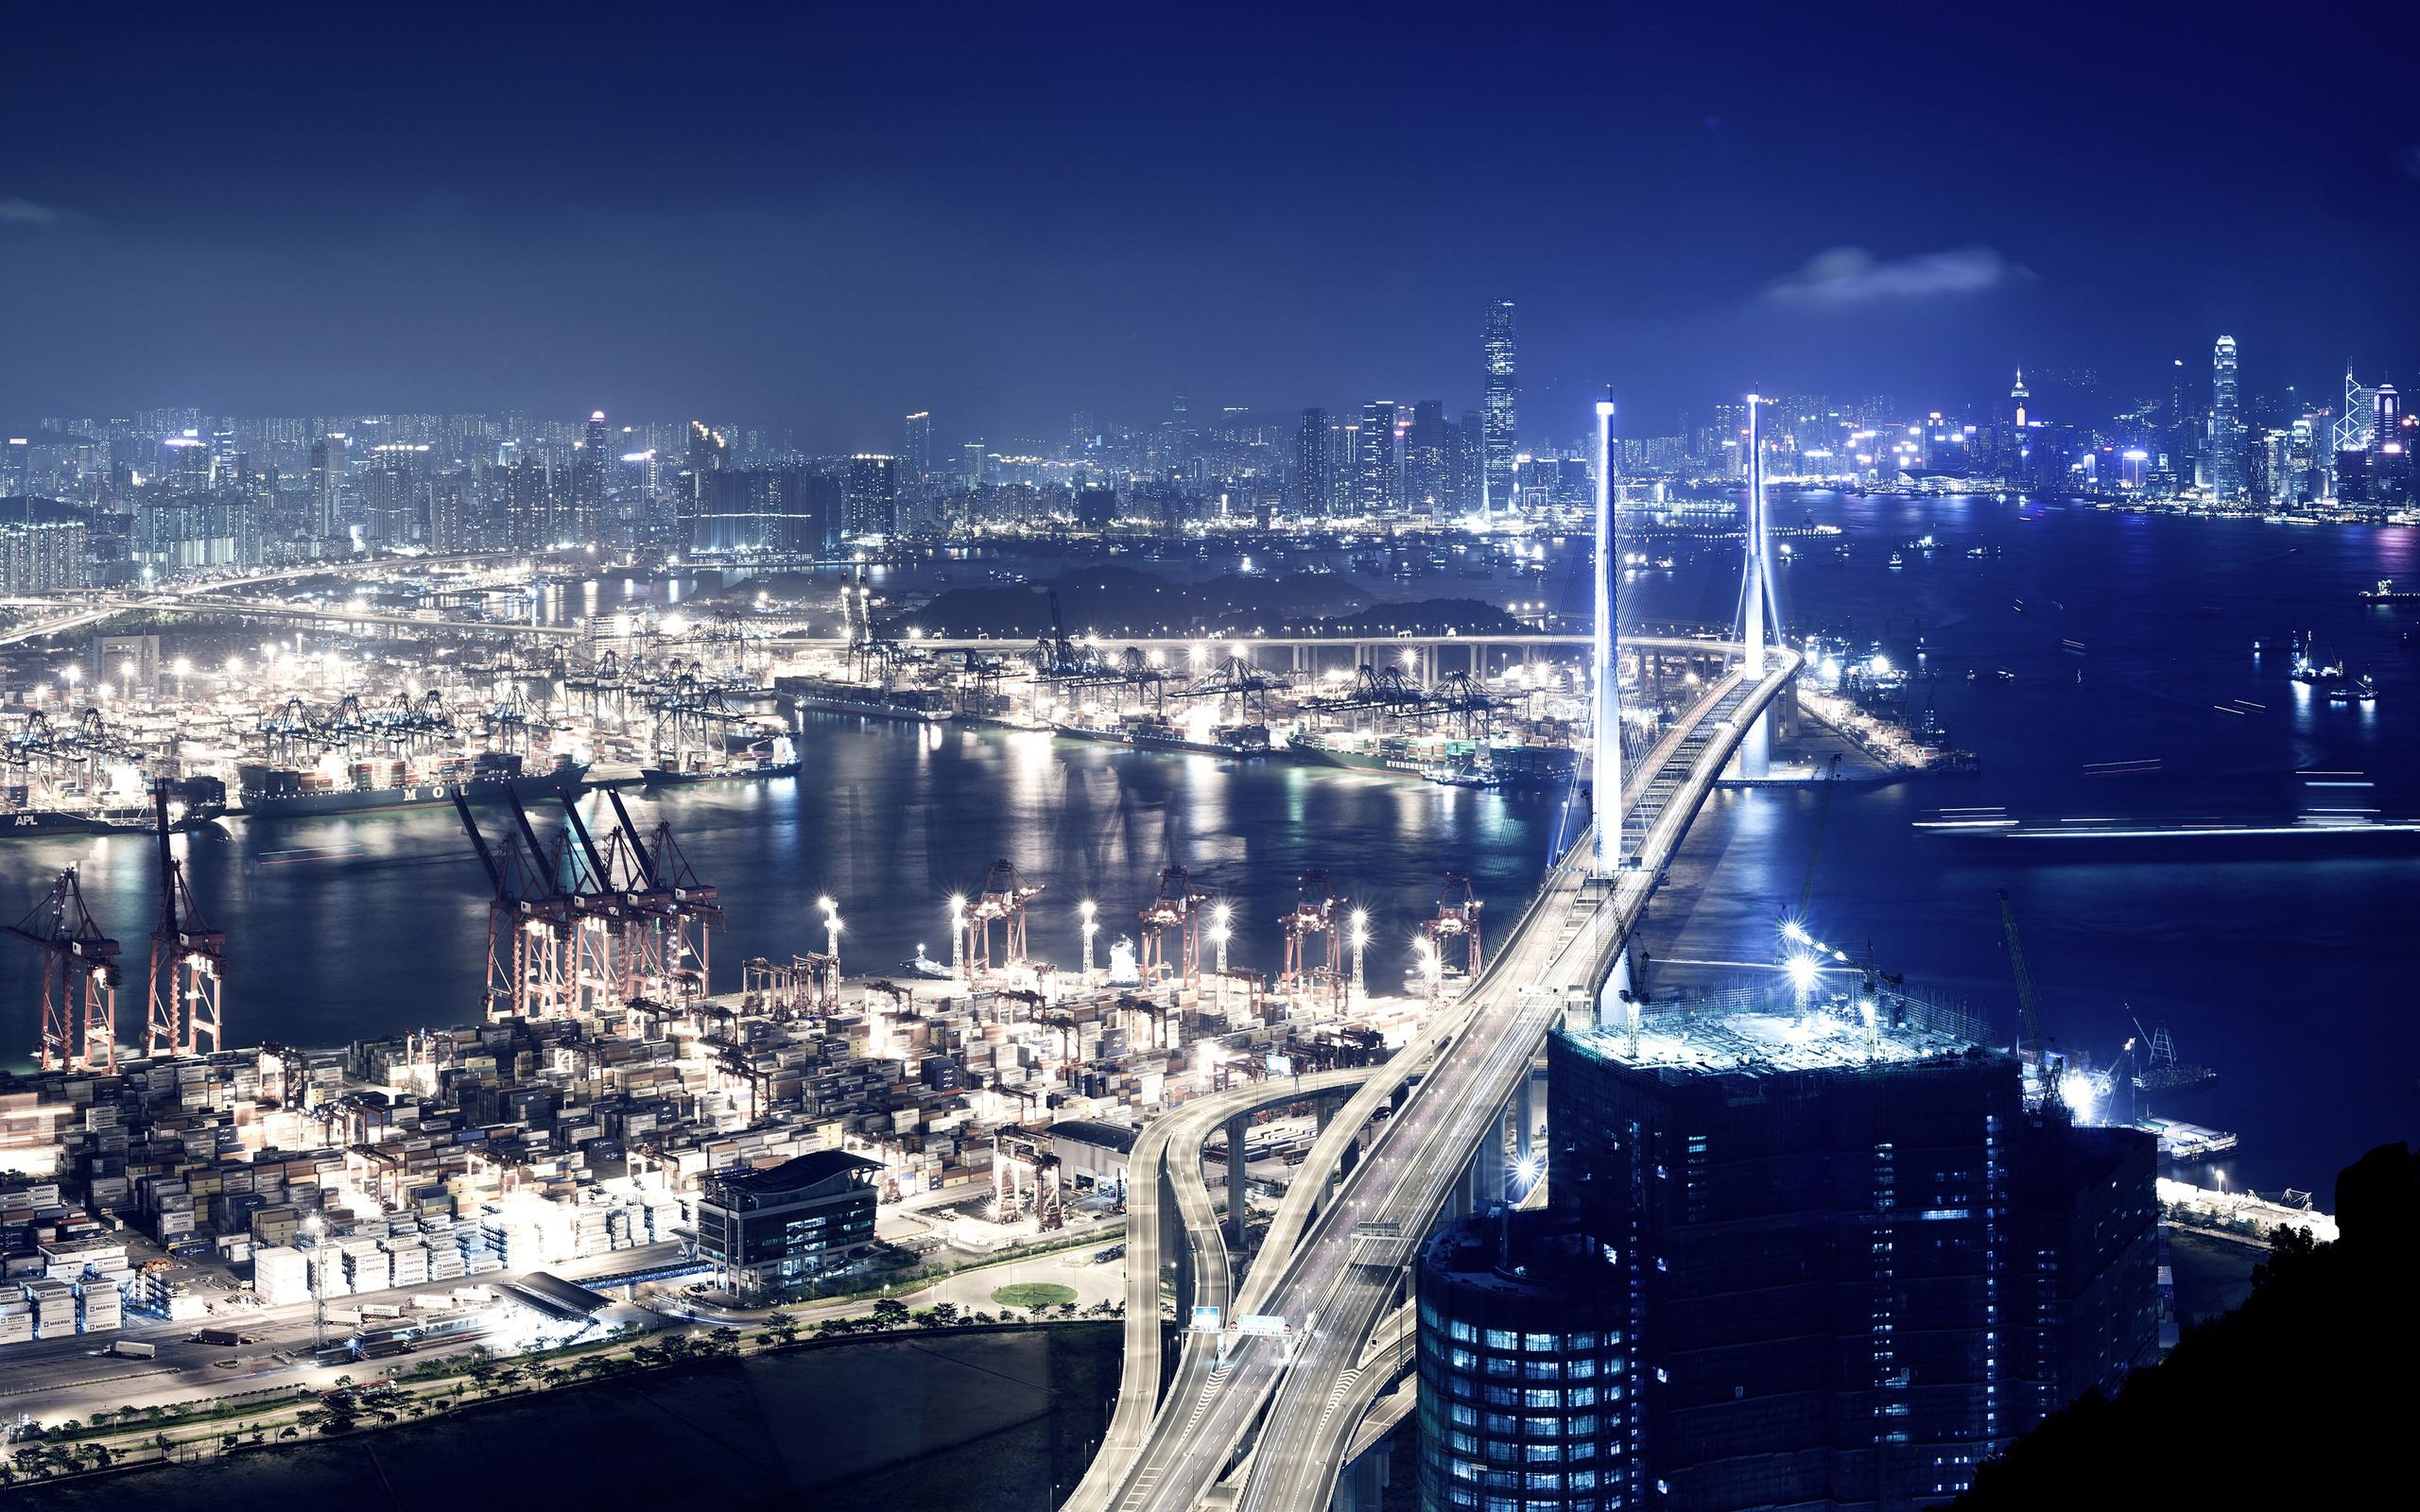 Hong Kong Images Hong Kong Nights Hd Wallpaper And Background Photos